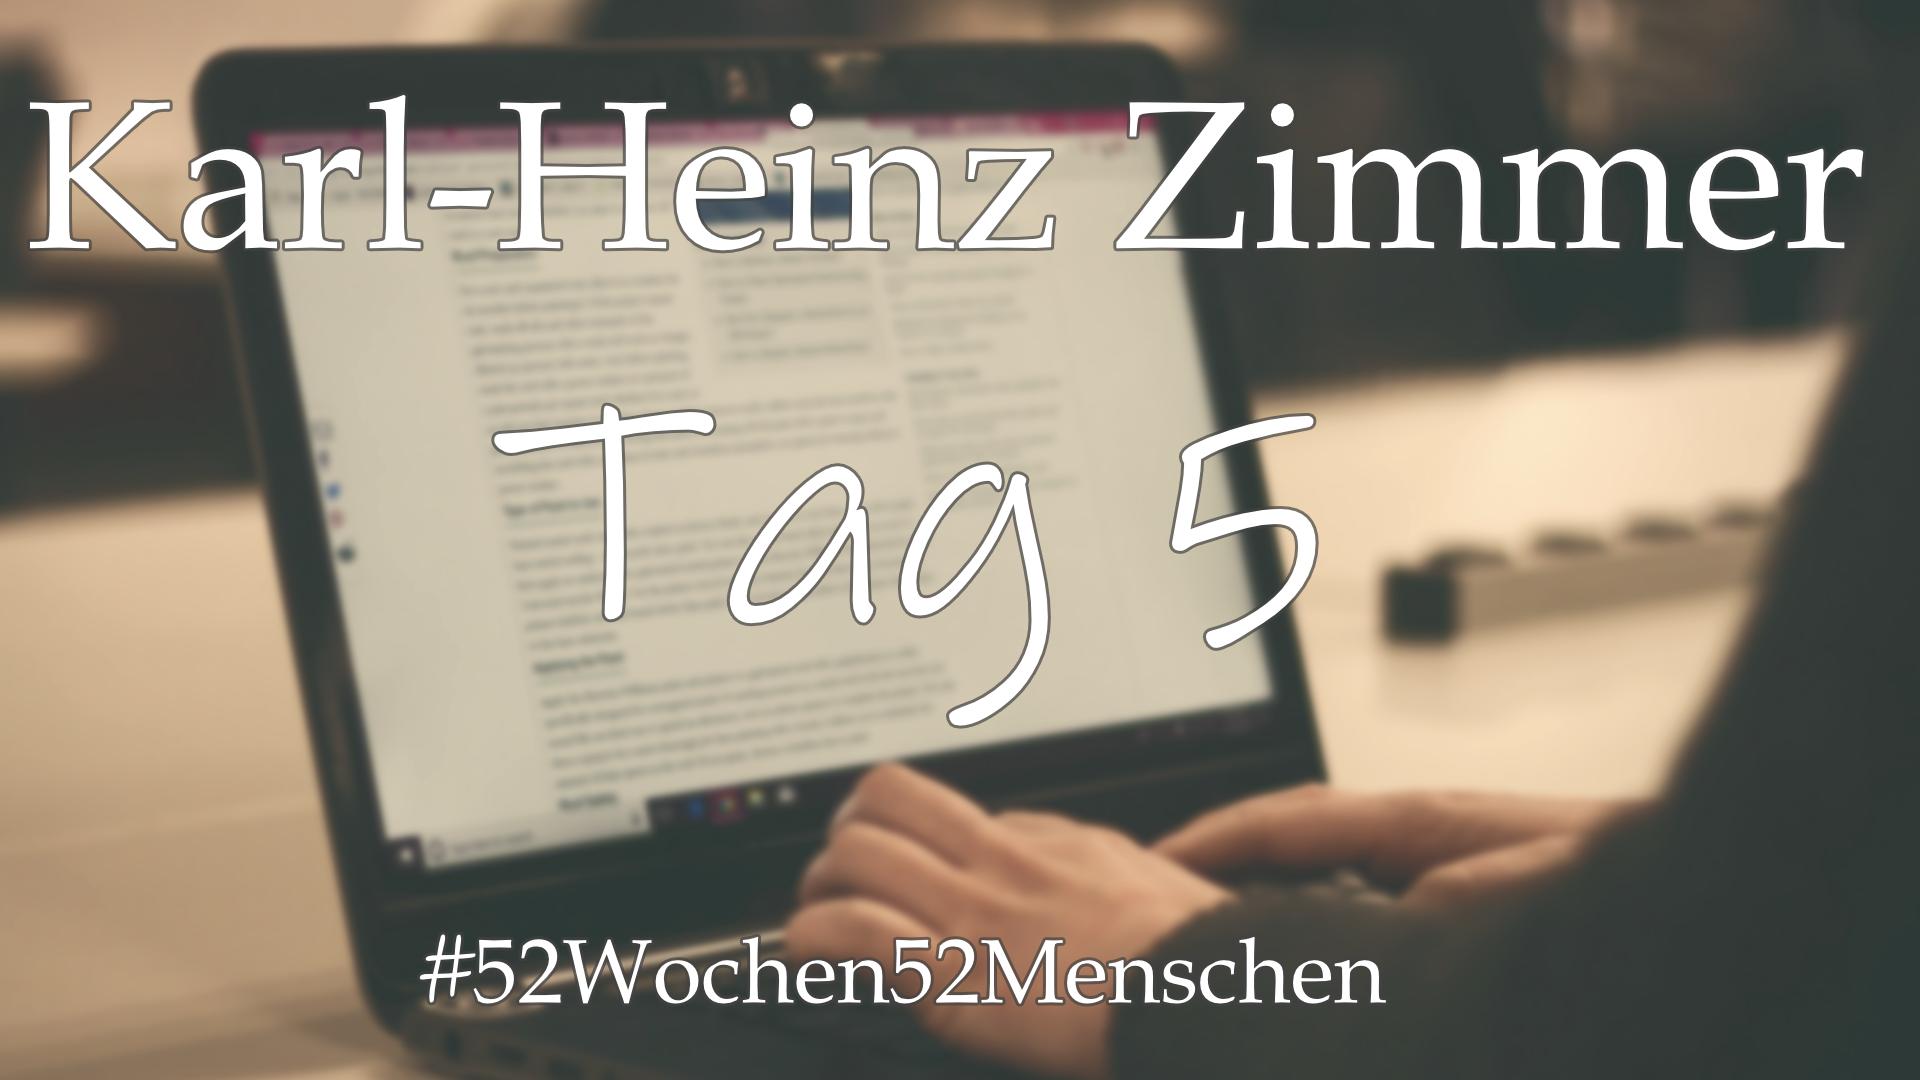 #52Wochen52Menschen: KW3 – Karl-Heinz Zimmer & SPBuchsatz – Tag 5